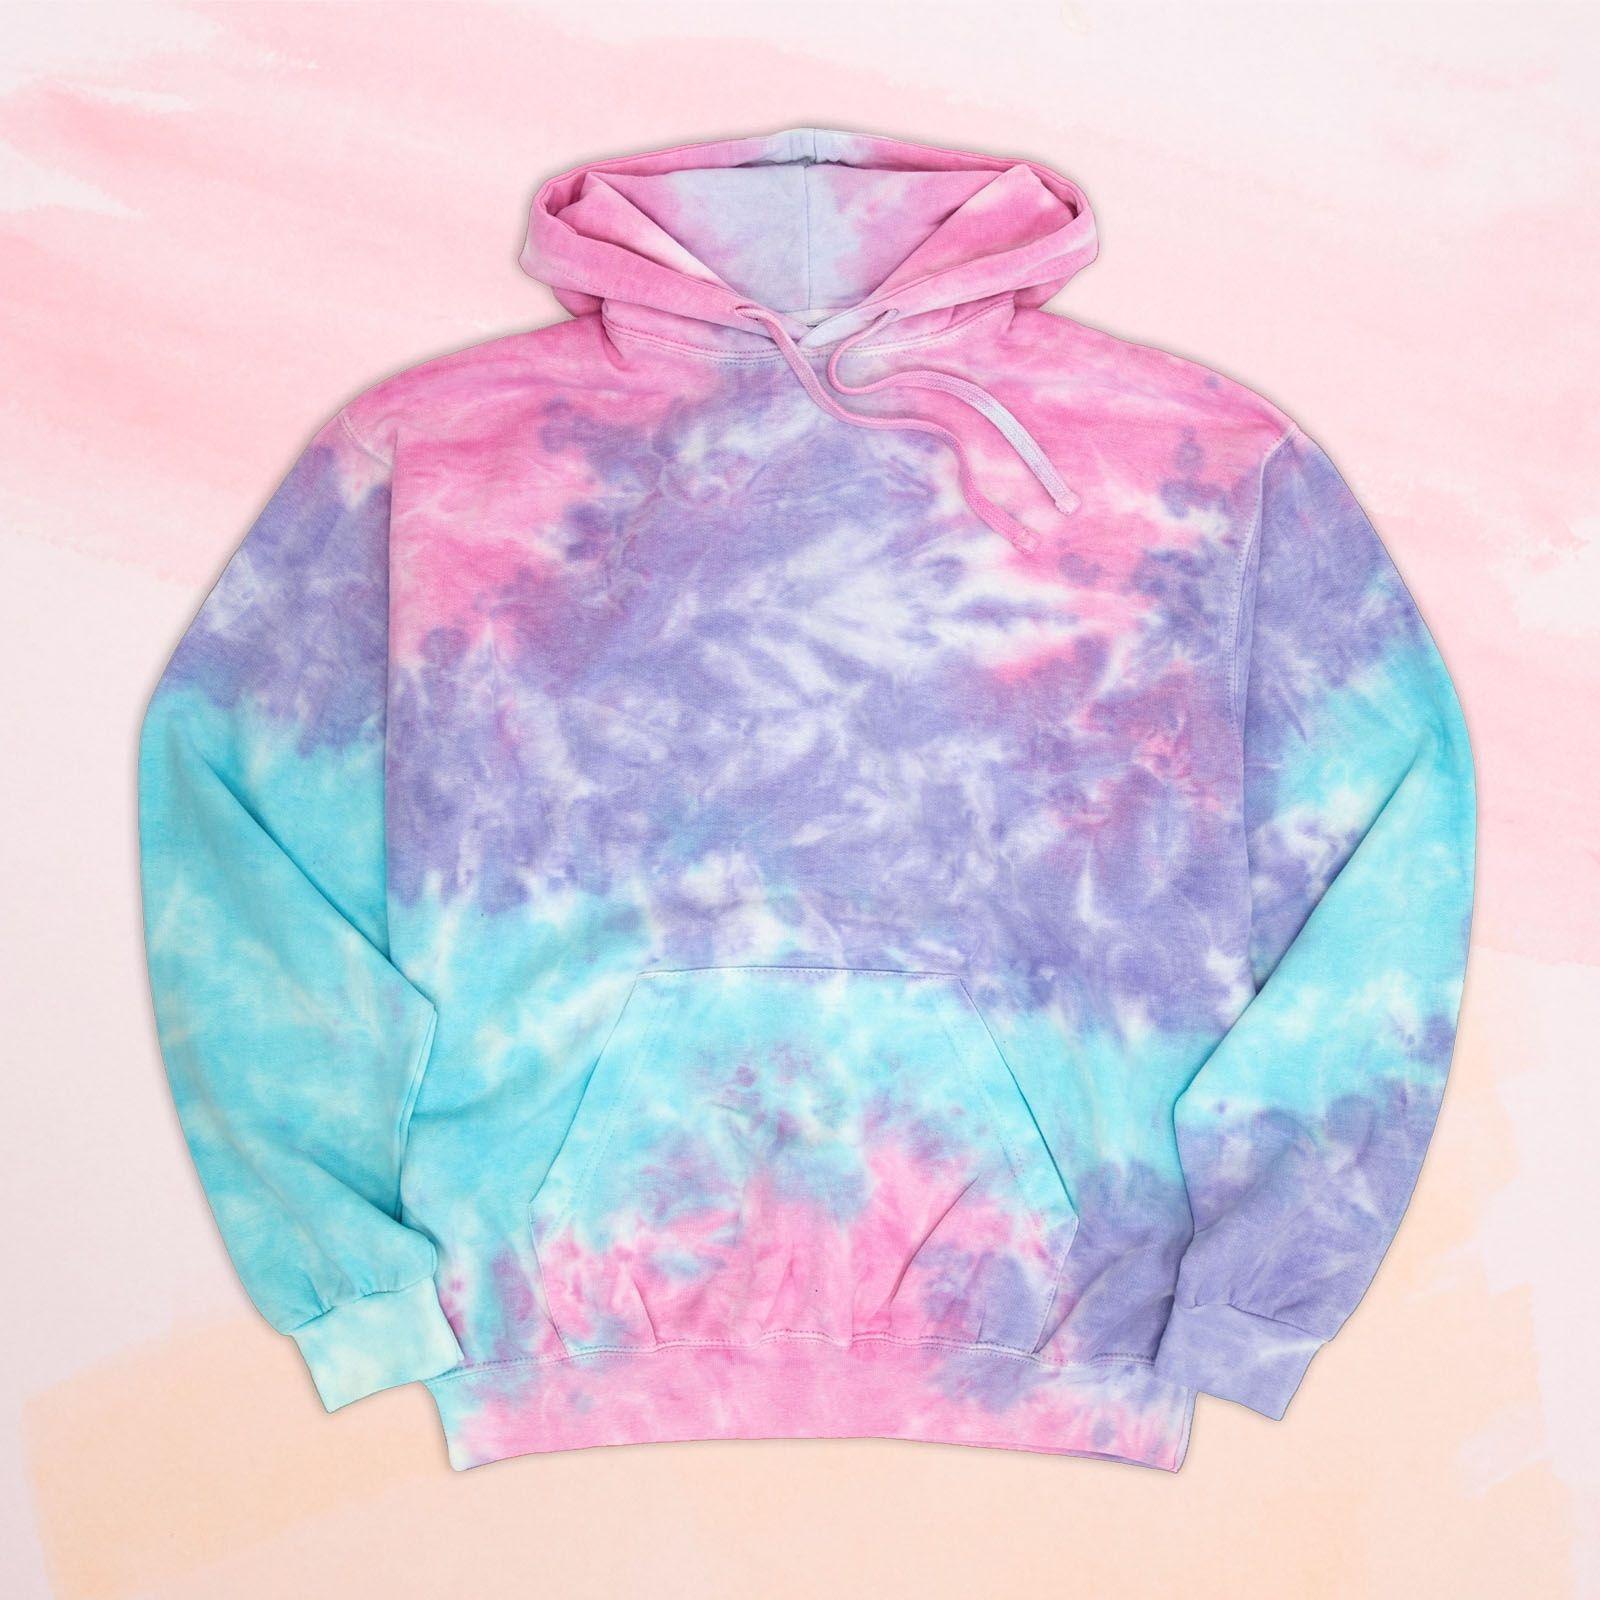 Cotton Candy Crackle Tie Dye Hoodie Tie Dye Hoodie Tie Dye Hoodies [ 1600 x 1600 Pixel ]